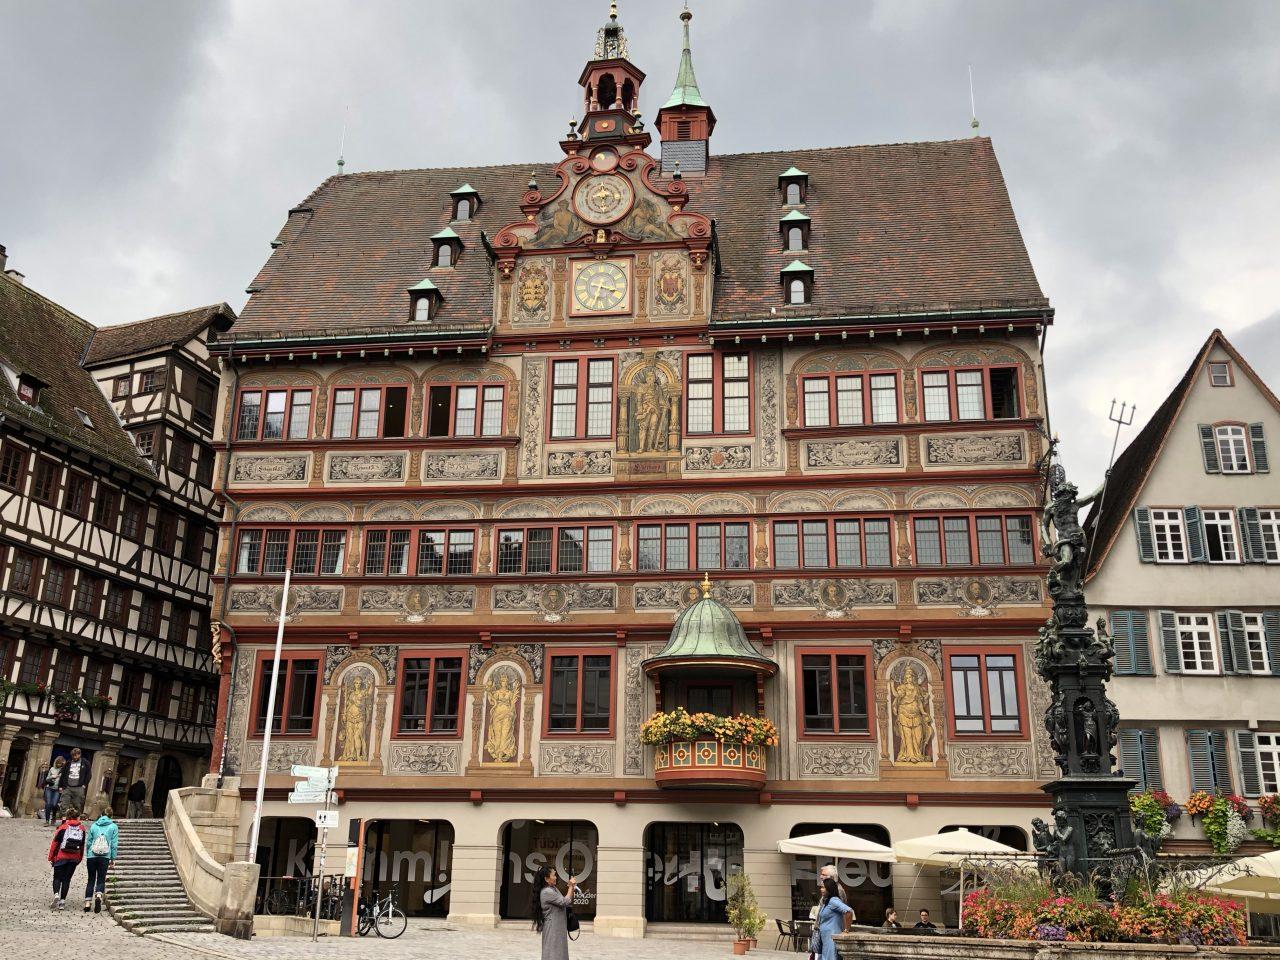 Tuebingen Marktplatz